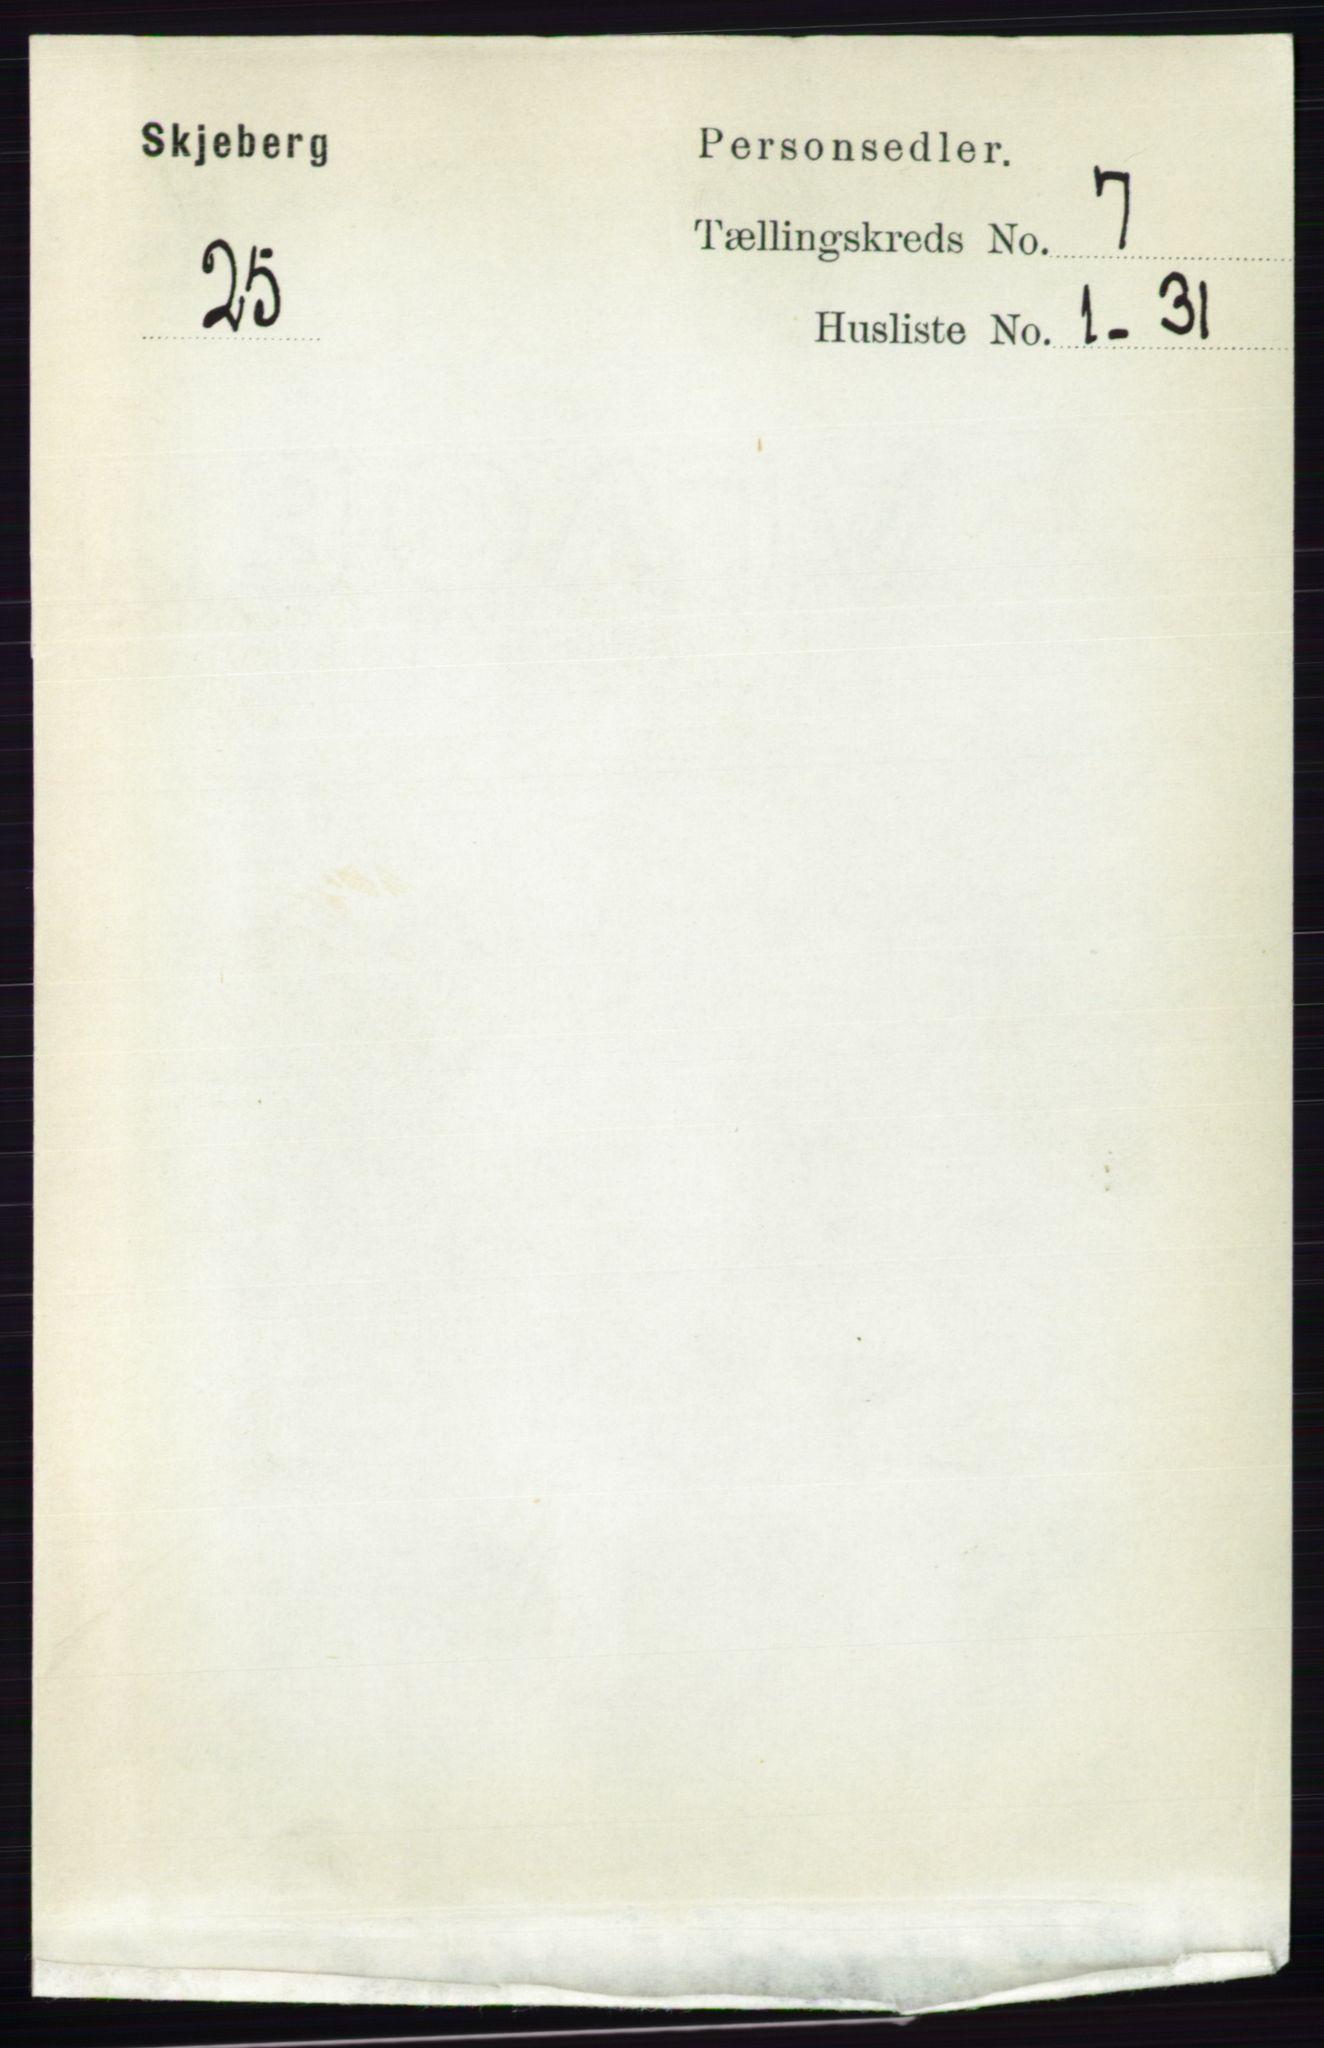 RA, Folketelling 1891 for 0115 Skjeberg herred, 1891, s. 3426